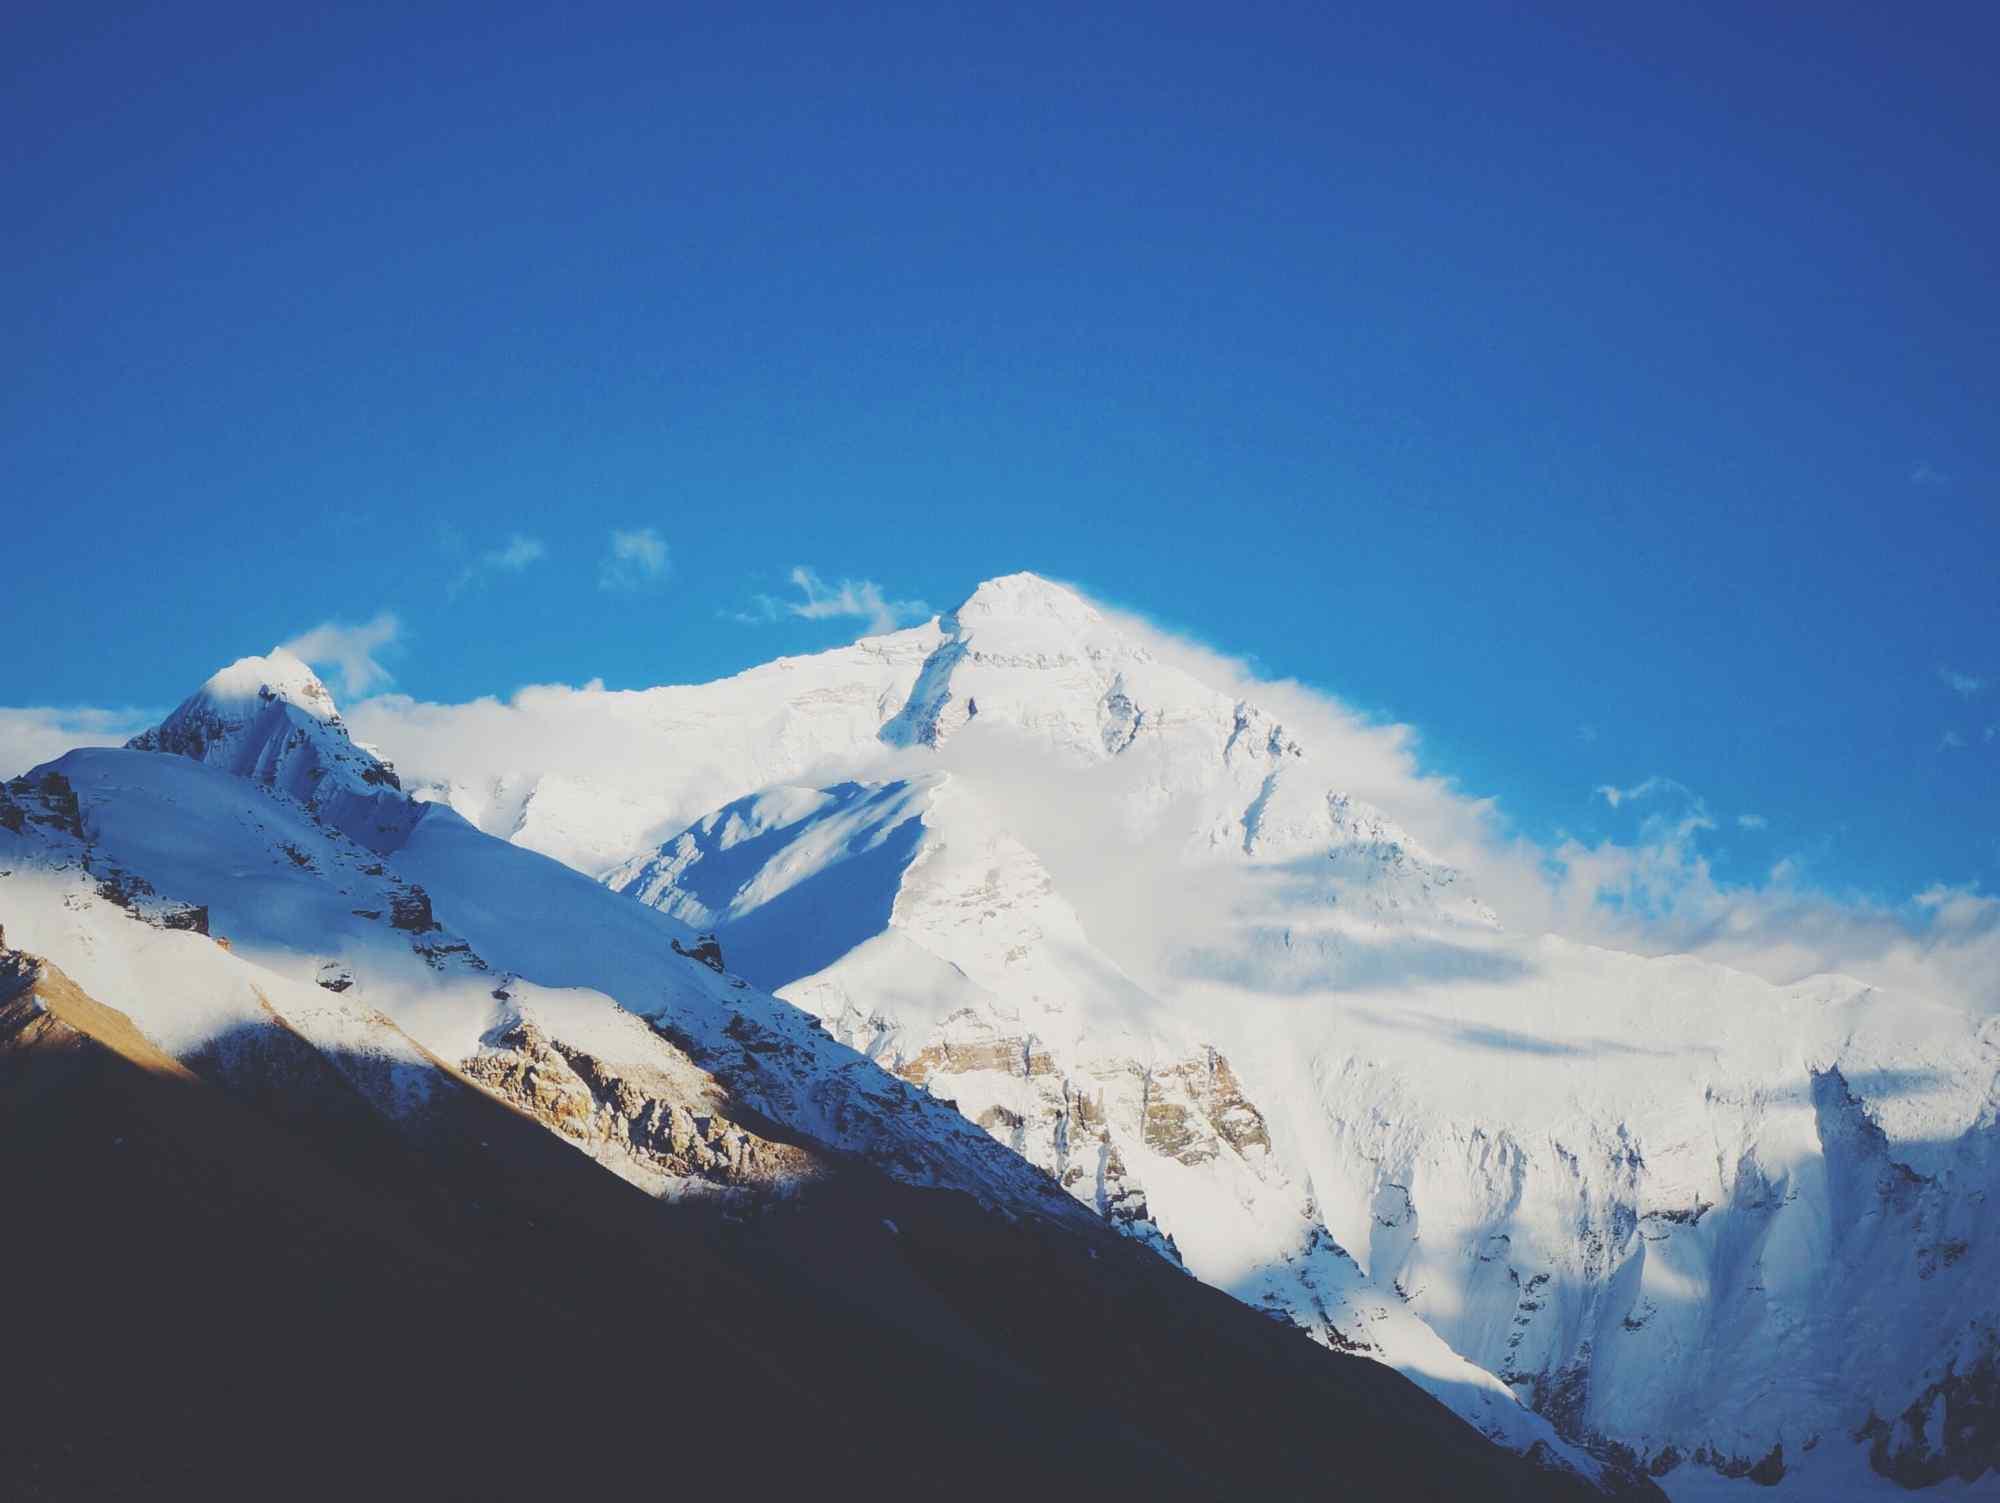 珠穆朗玛峰山顶白云桌面壁纸